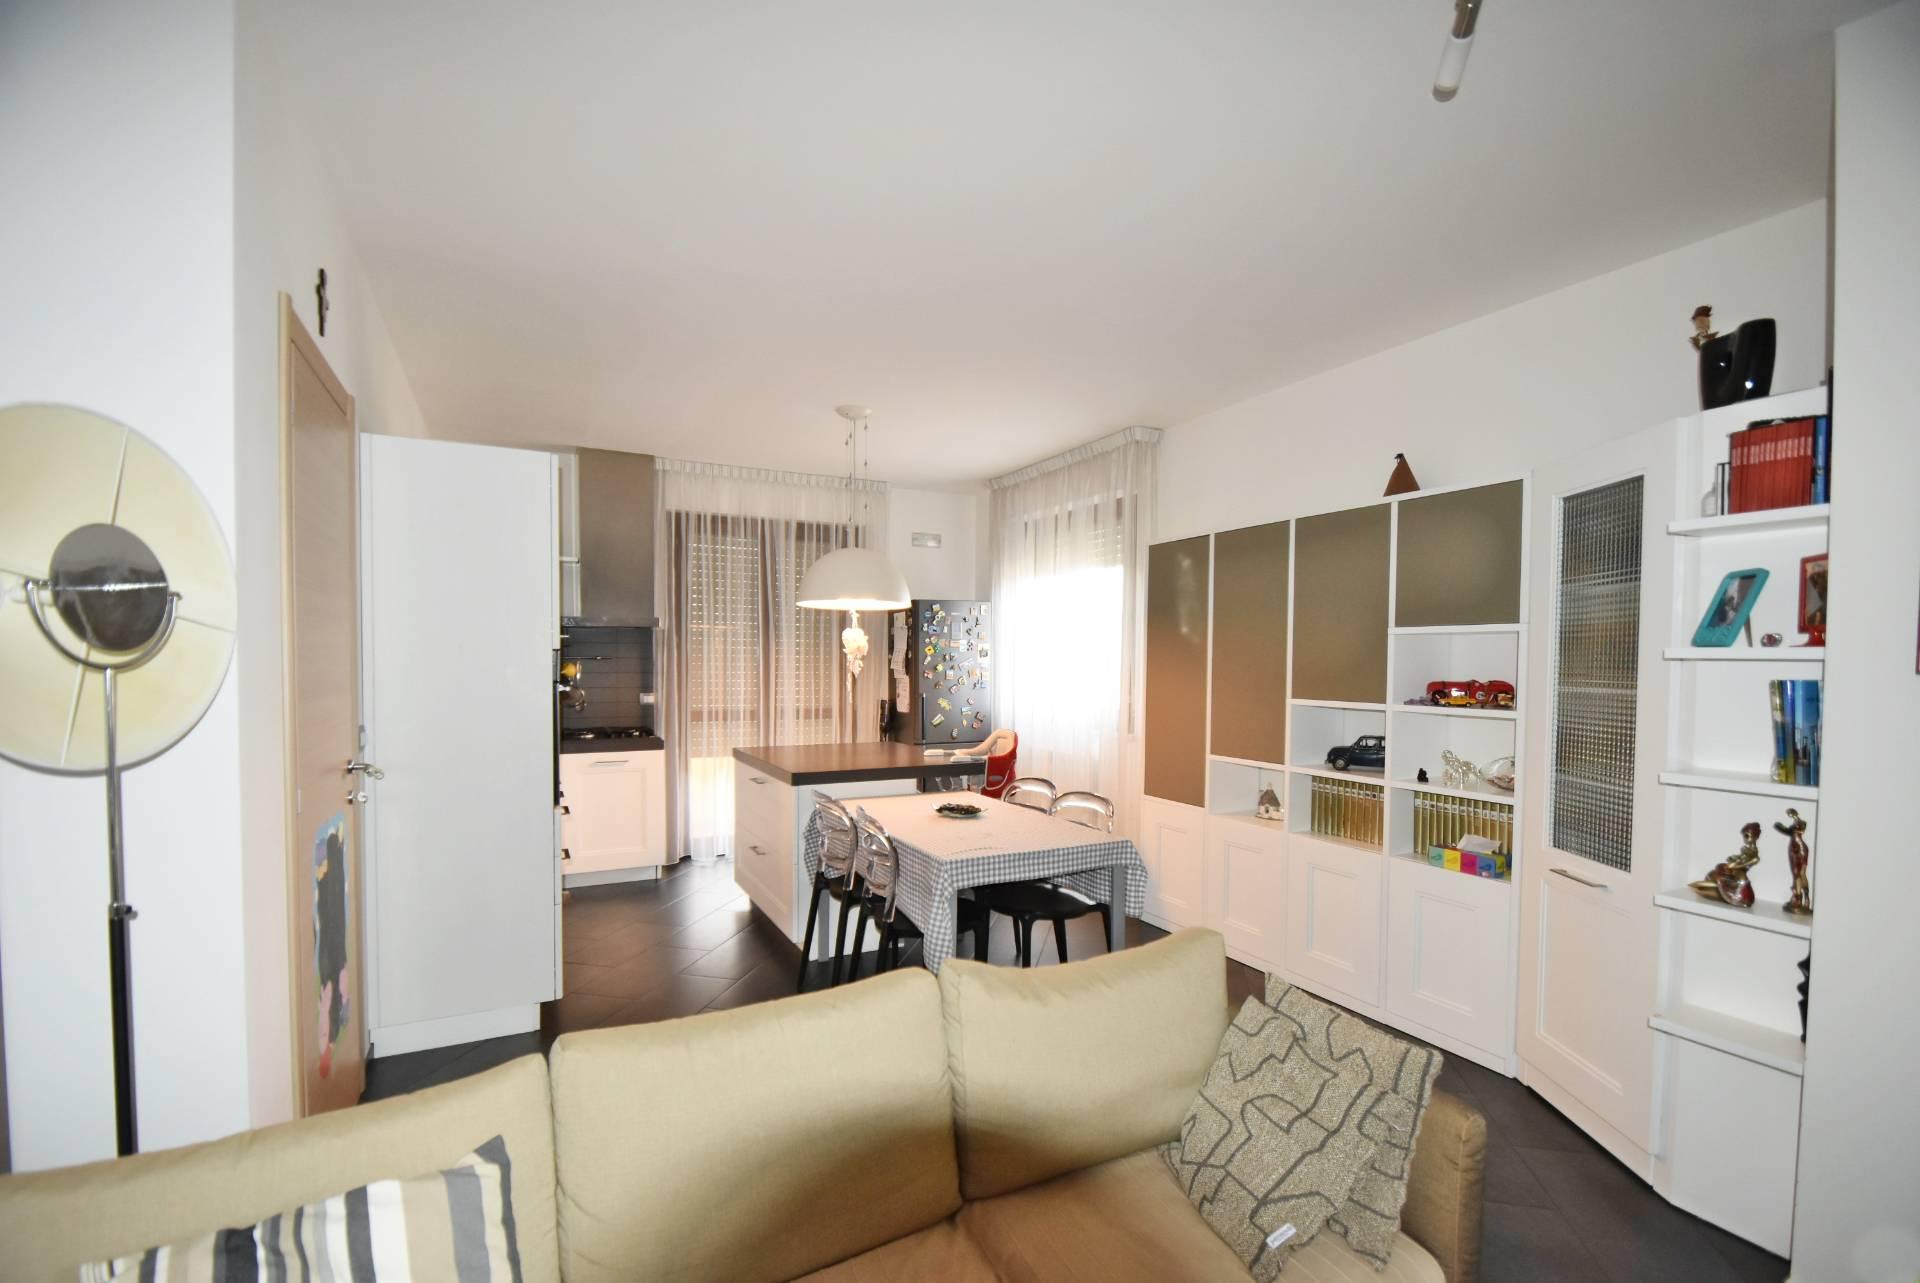 Appartamento in vendita a Corridonia, 6 locali, zona Località: zonasemi-centrale, prezzo € 190.000 | Cambio Casa.it